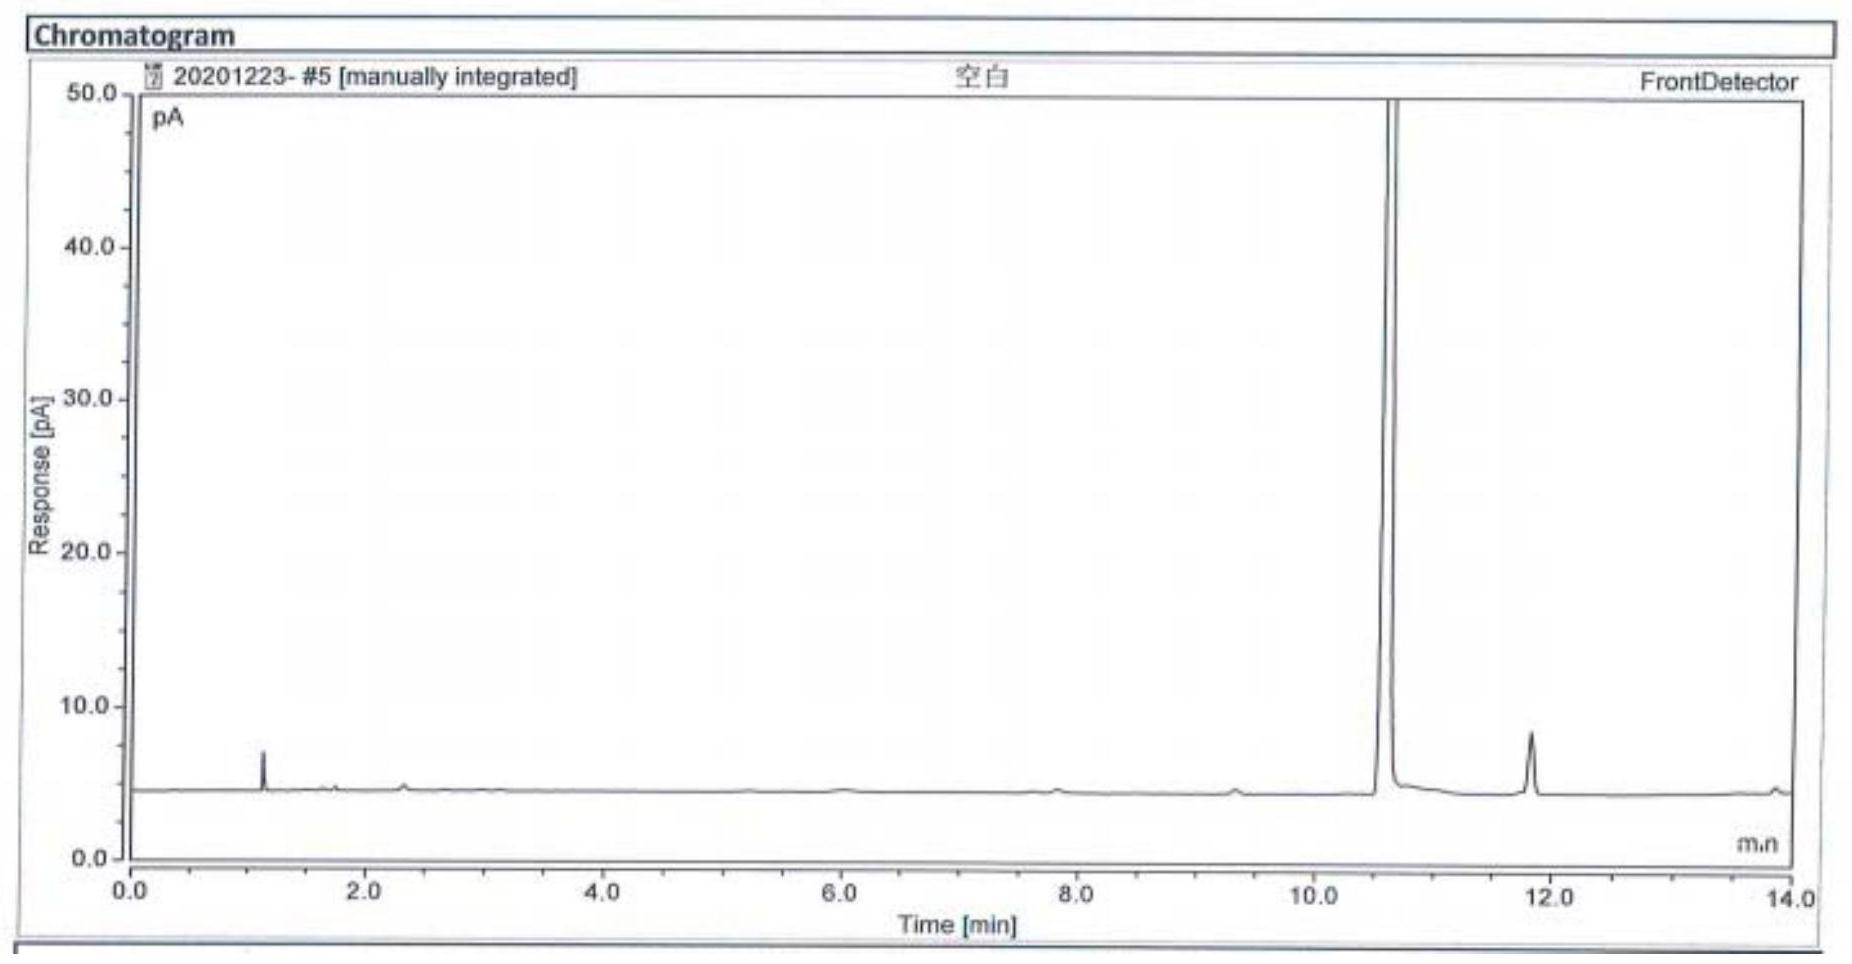 一种哌柏西利中残留溶剂的检测方法